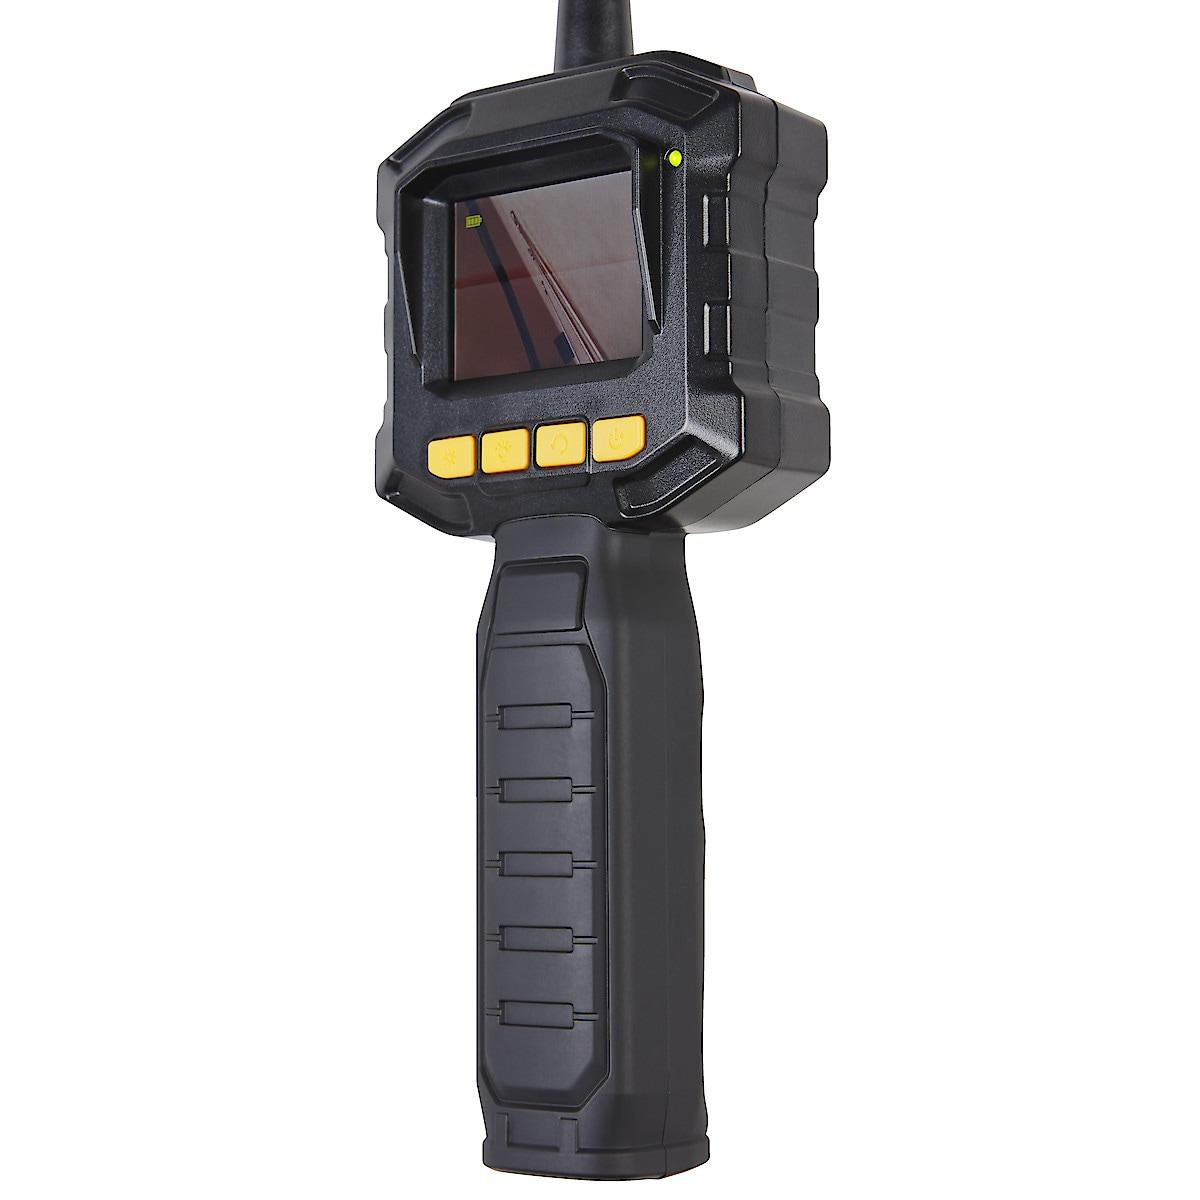 Tarkastuskamera, jossa värinäyttö